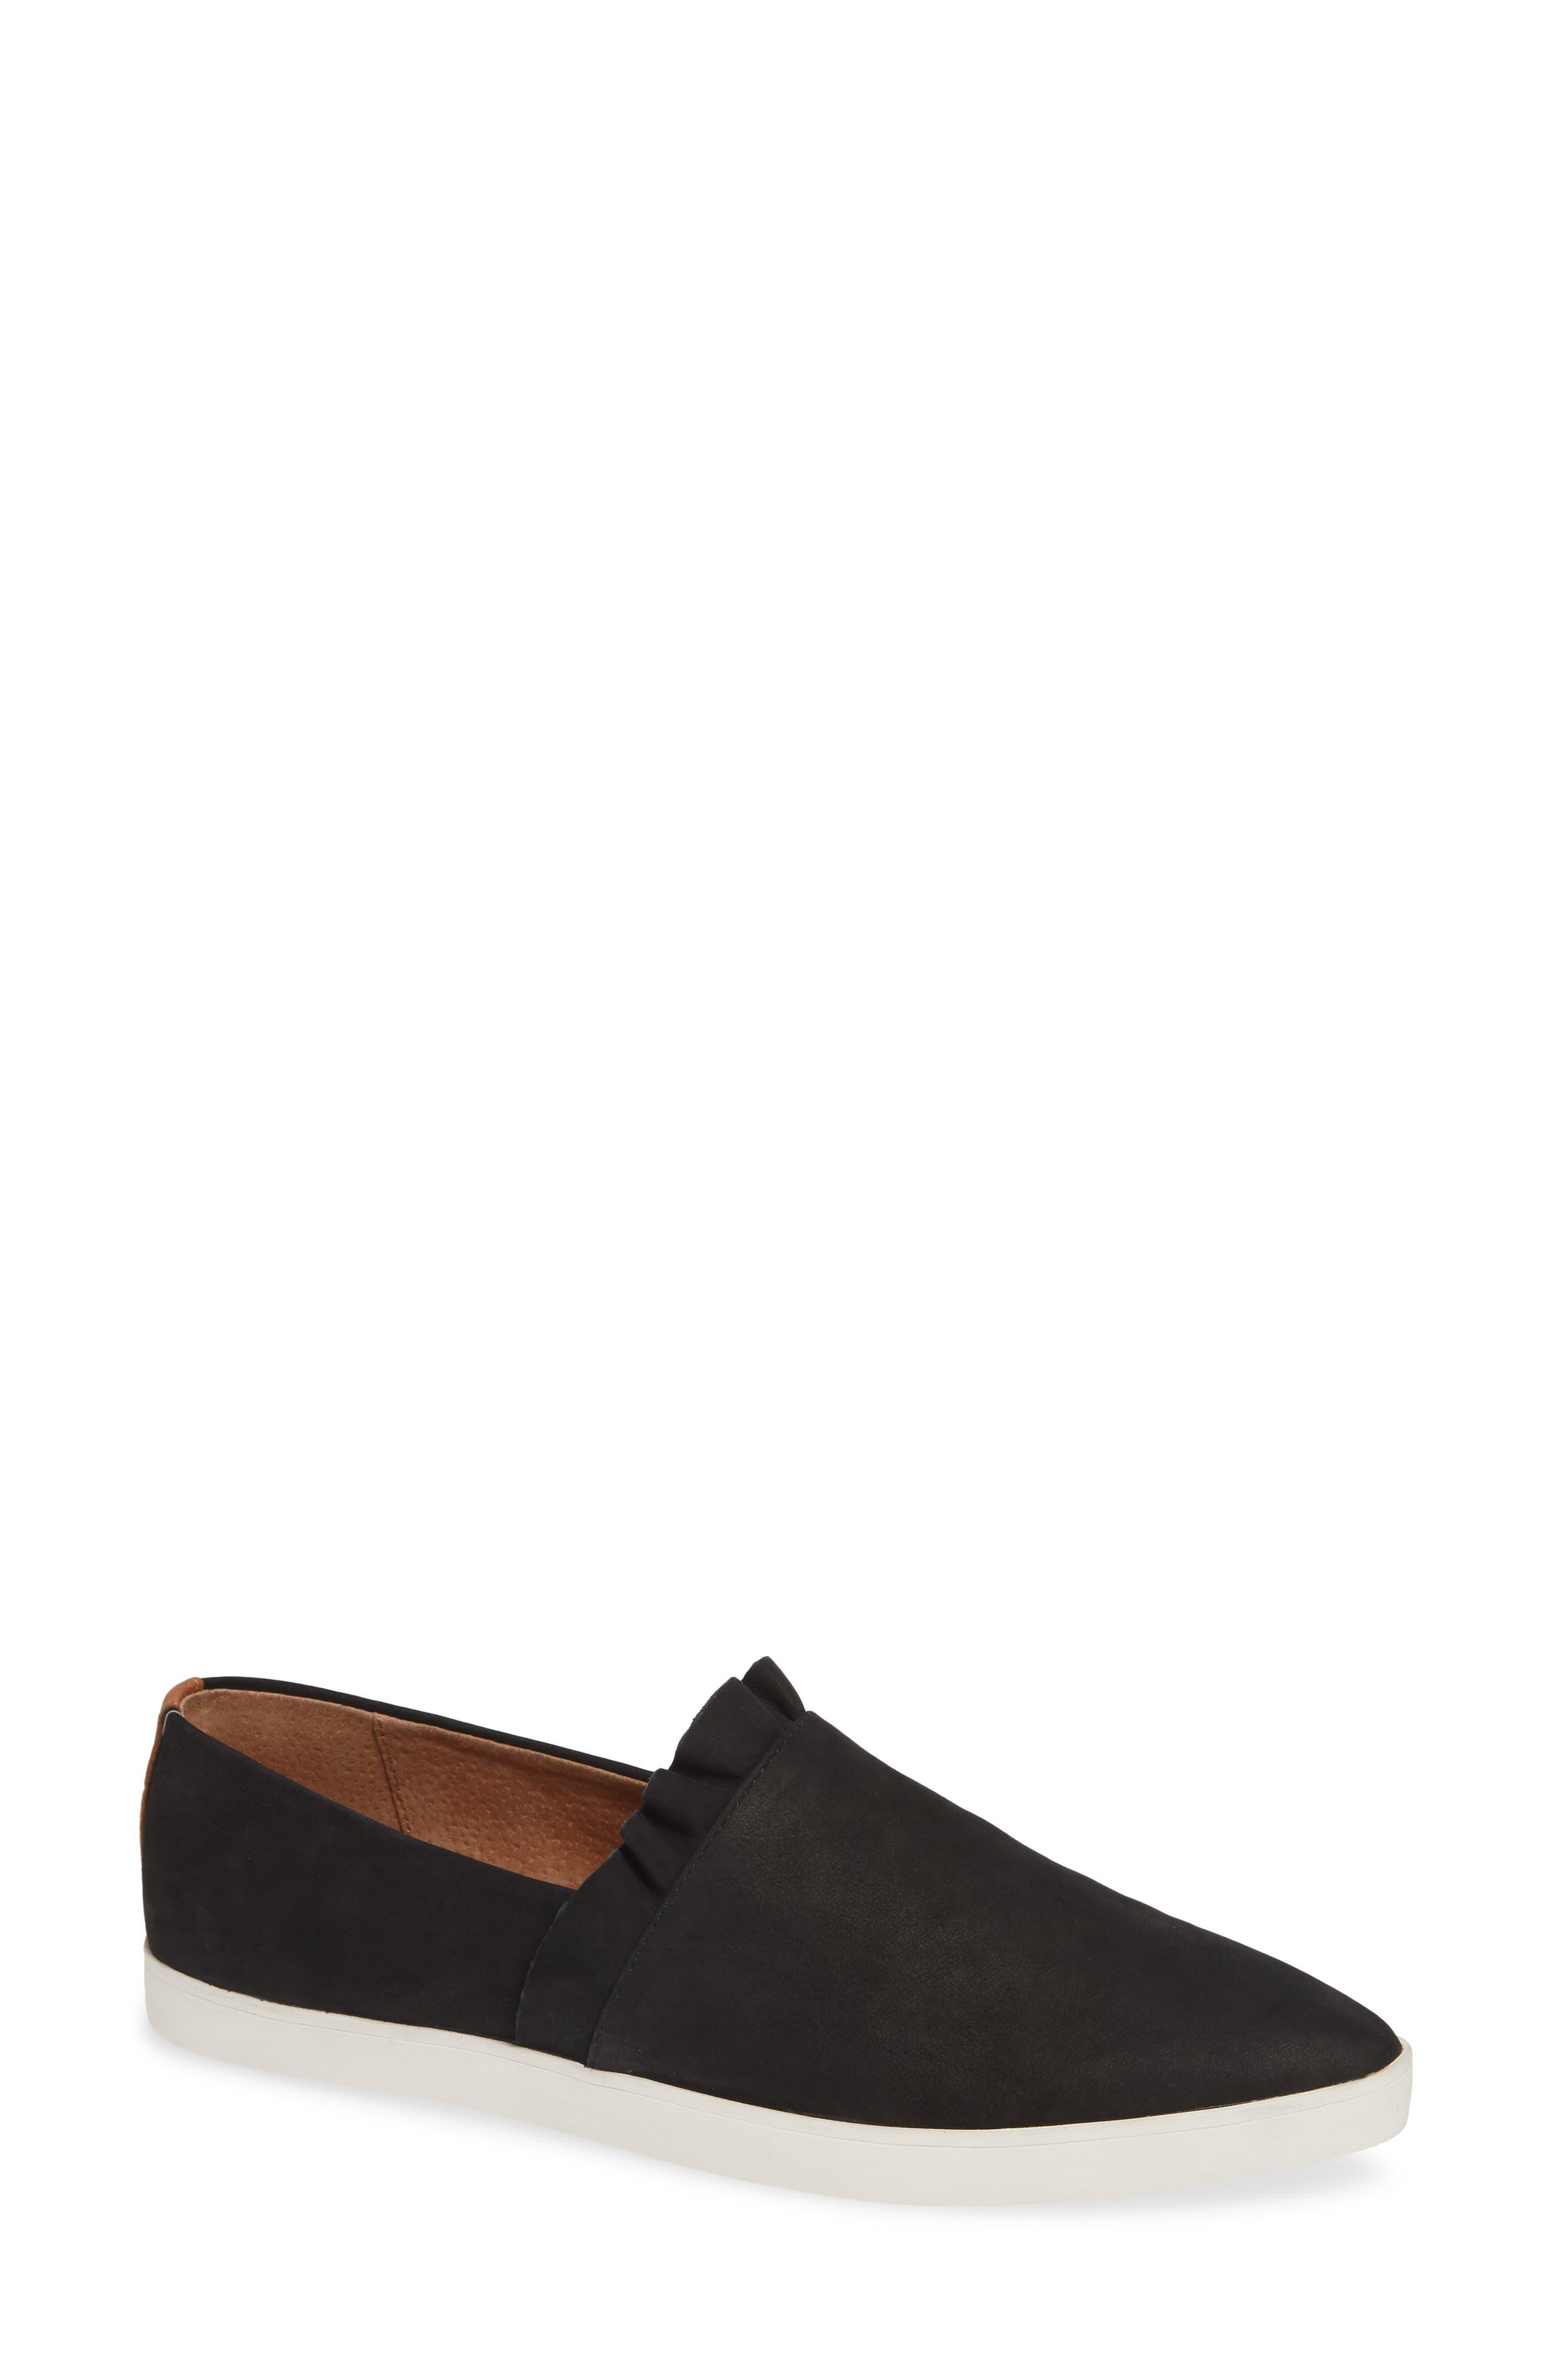 Gentle Souls Avery Slip-On Sneaker, Black